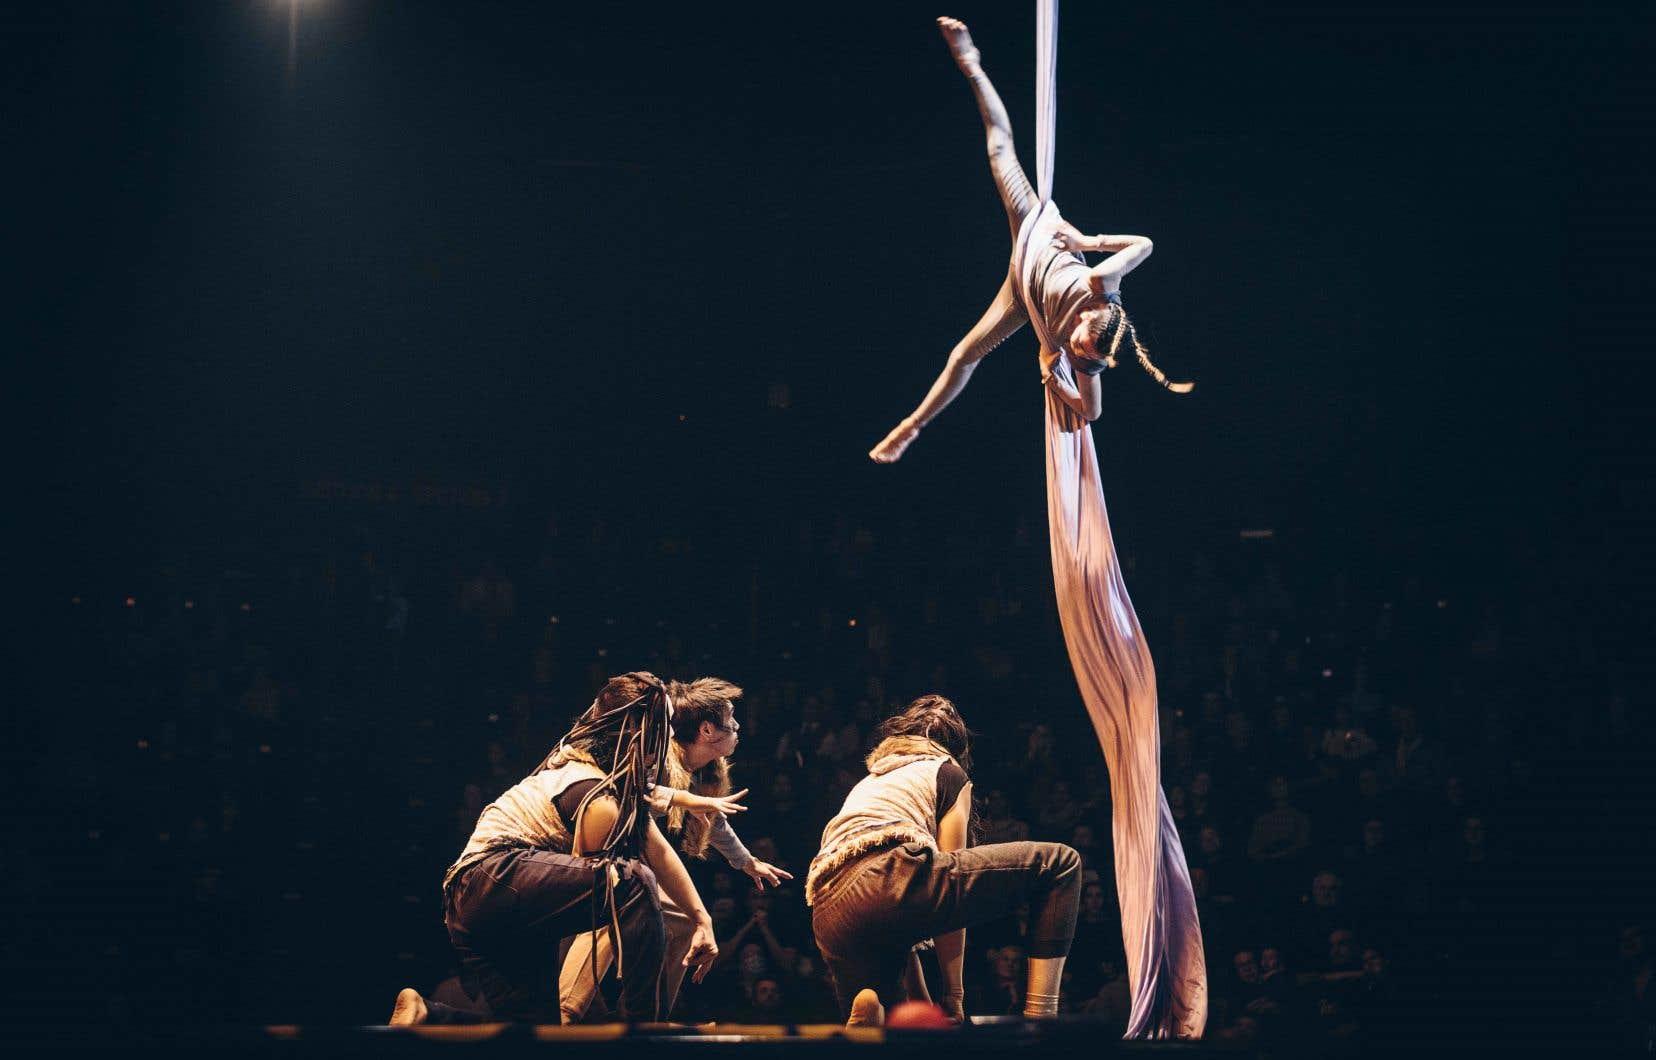 Tous les jours jusqu'à la fin  du week-end, 100 jeunes  à risque  d'itinérance  de 15 communautés  du Canada  participeront  à une activité  de création  collective  organisée  par le cirque Hors Piste.